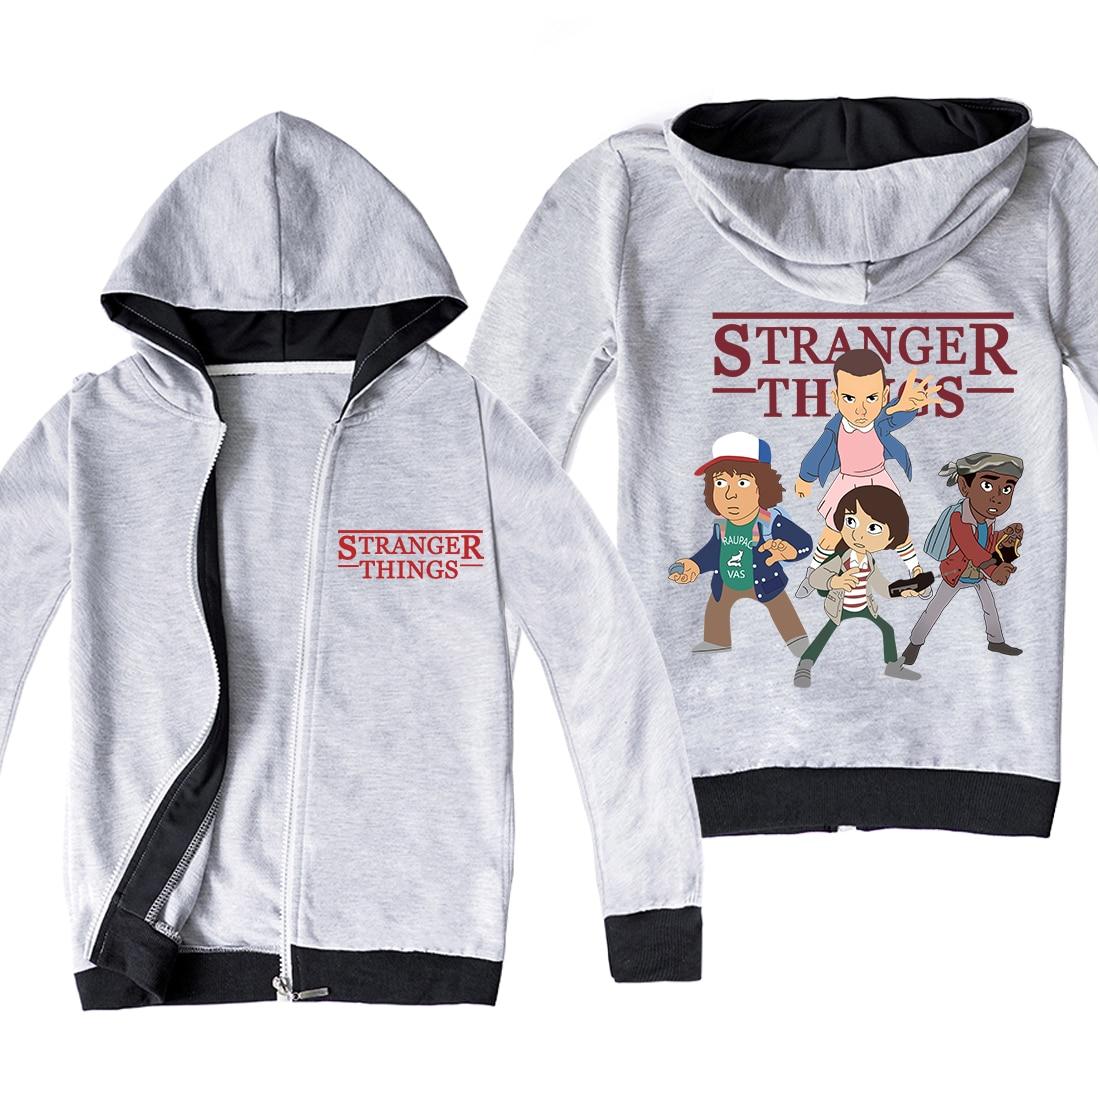 dos desenhos animados oversized hoodie camisetas topos